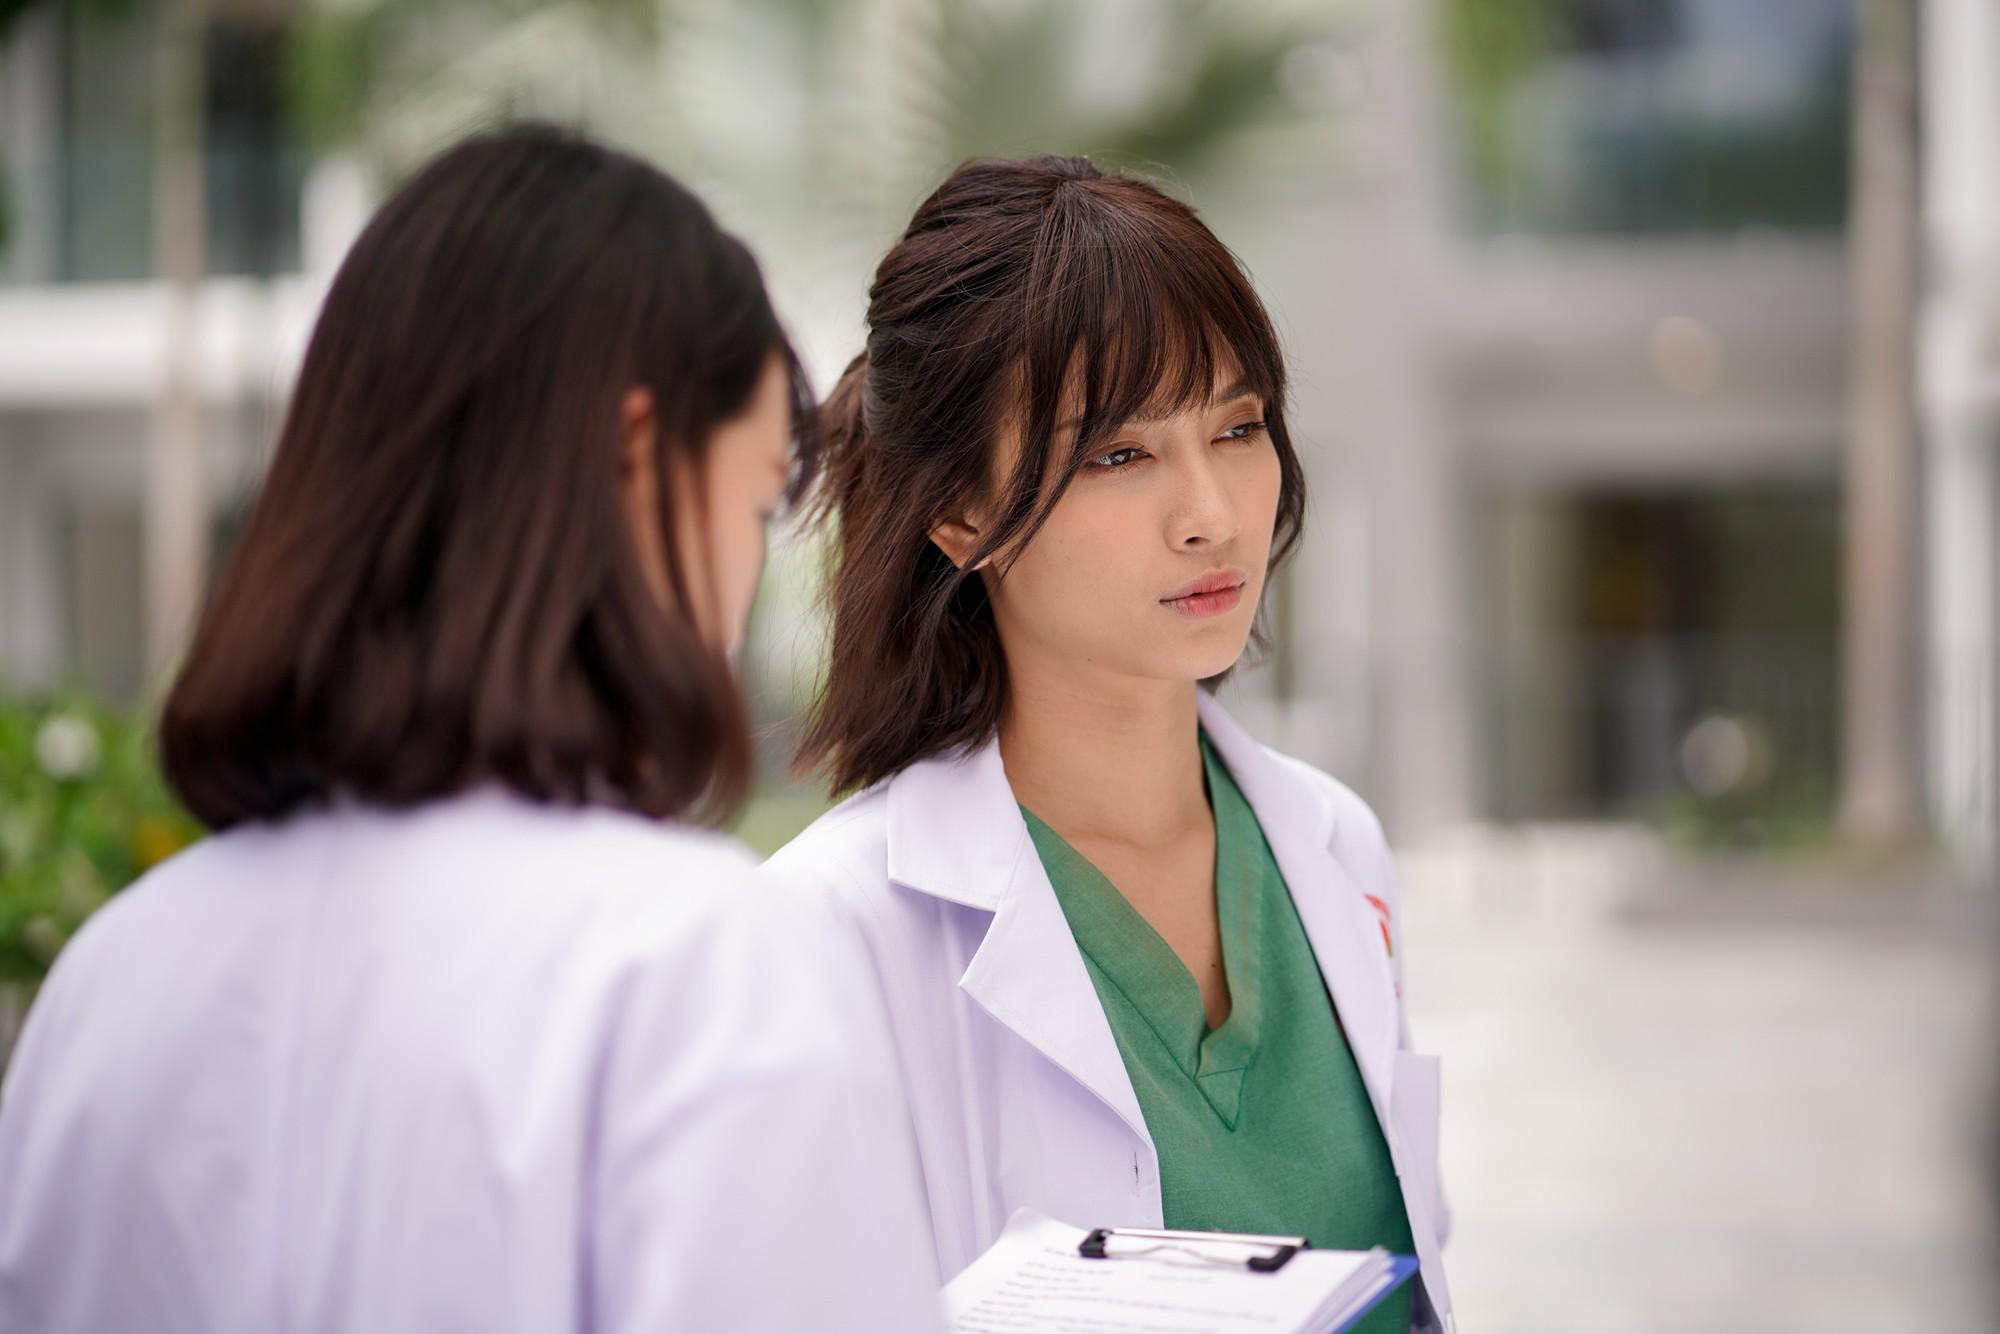 Ái Phương say đắm khoá môi MC Quang Bảo trong MV về chuyện tình bác sĩ - bệnh nhân - Ảnh 2.